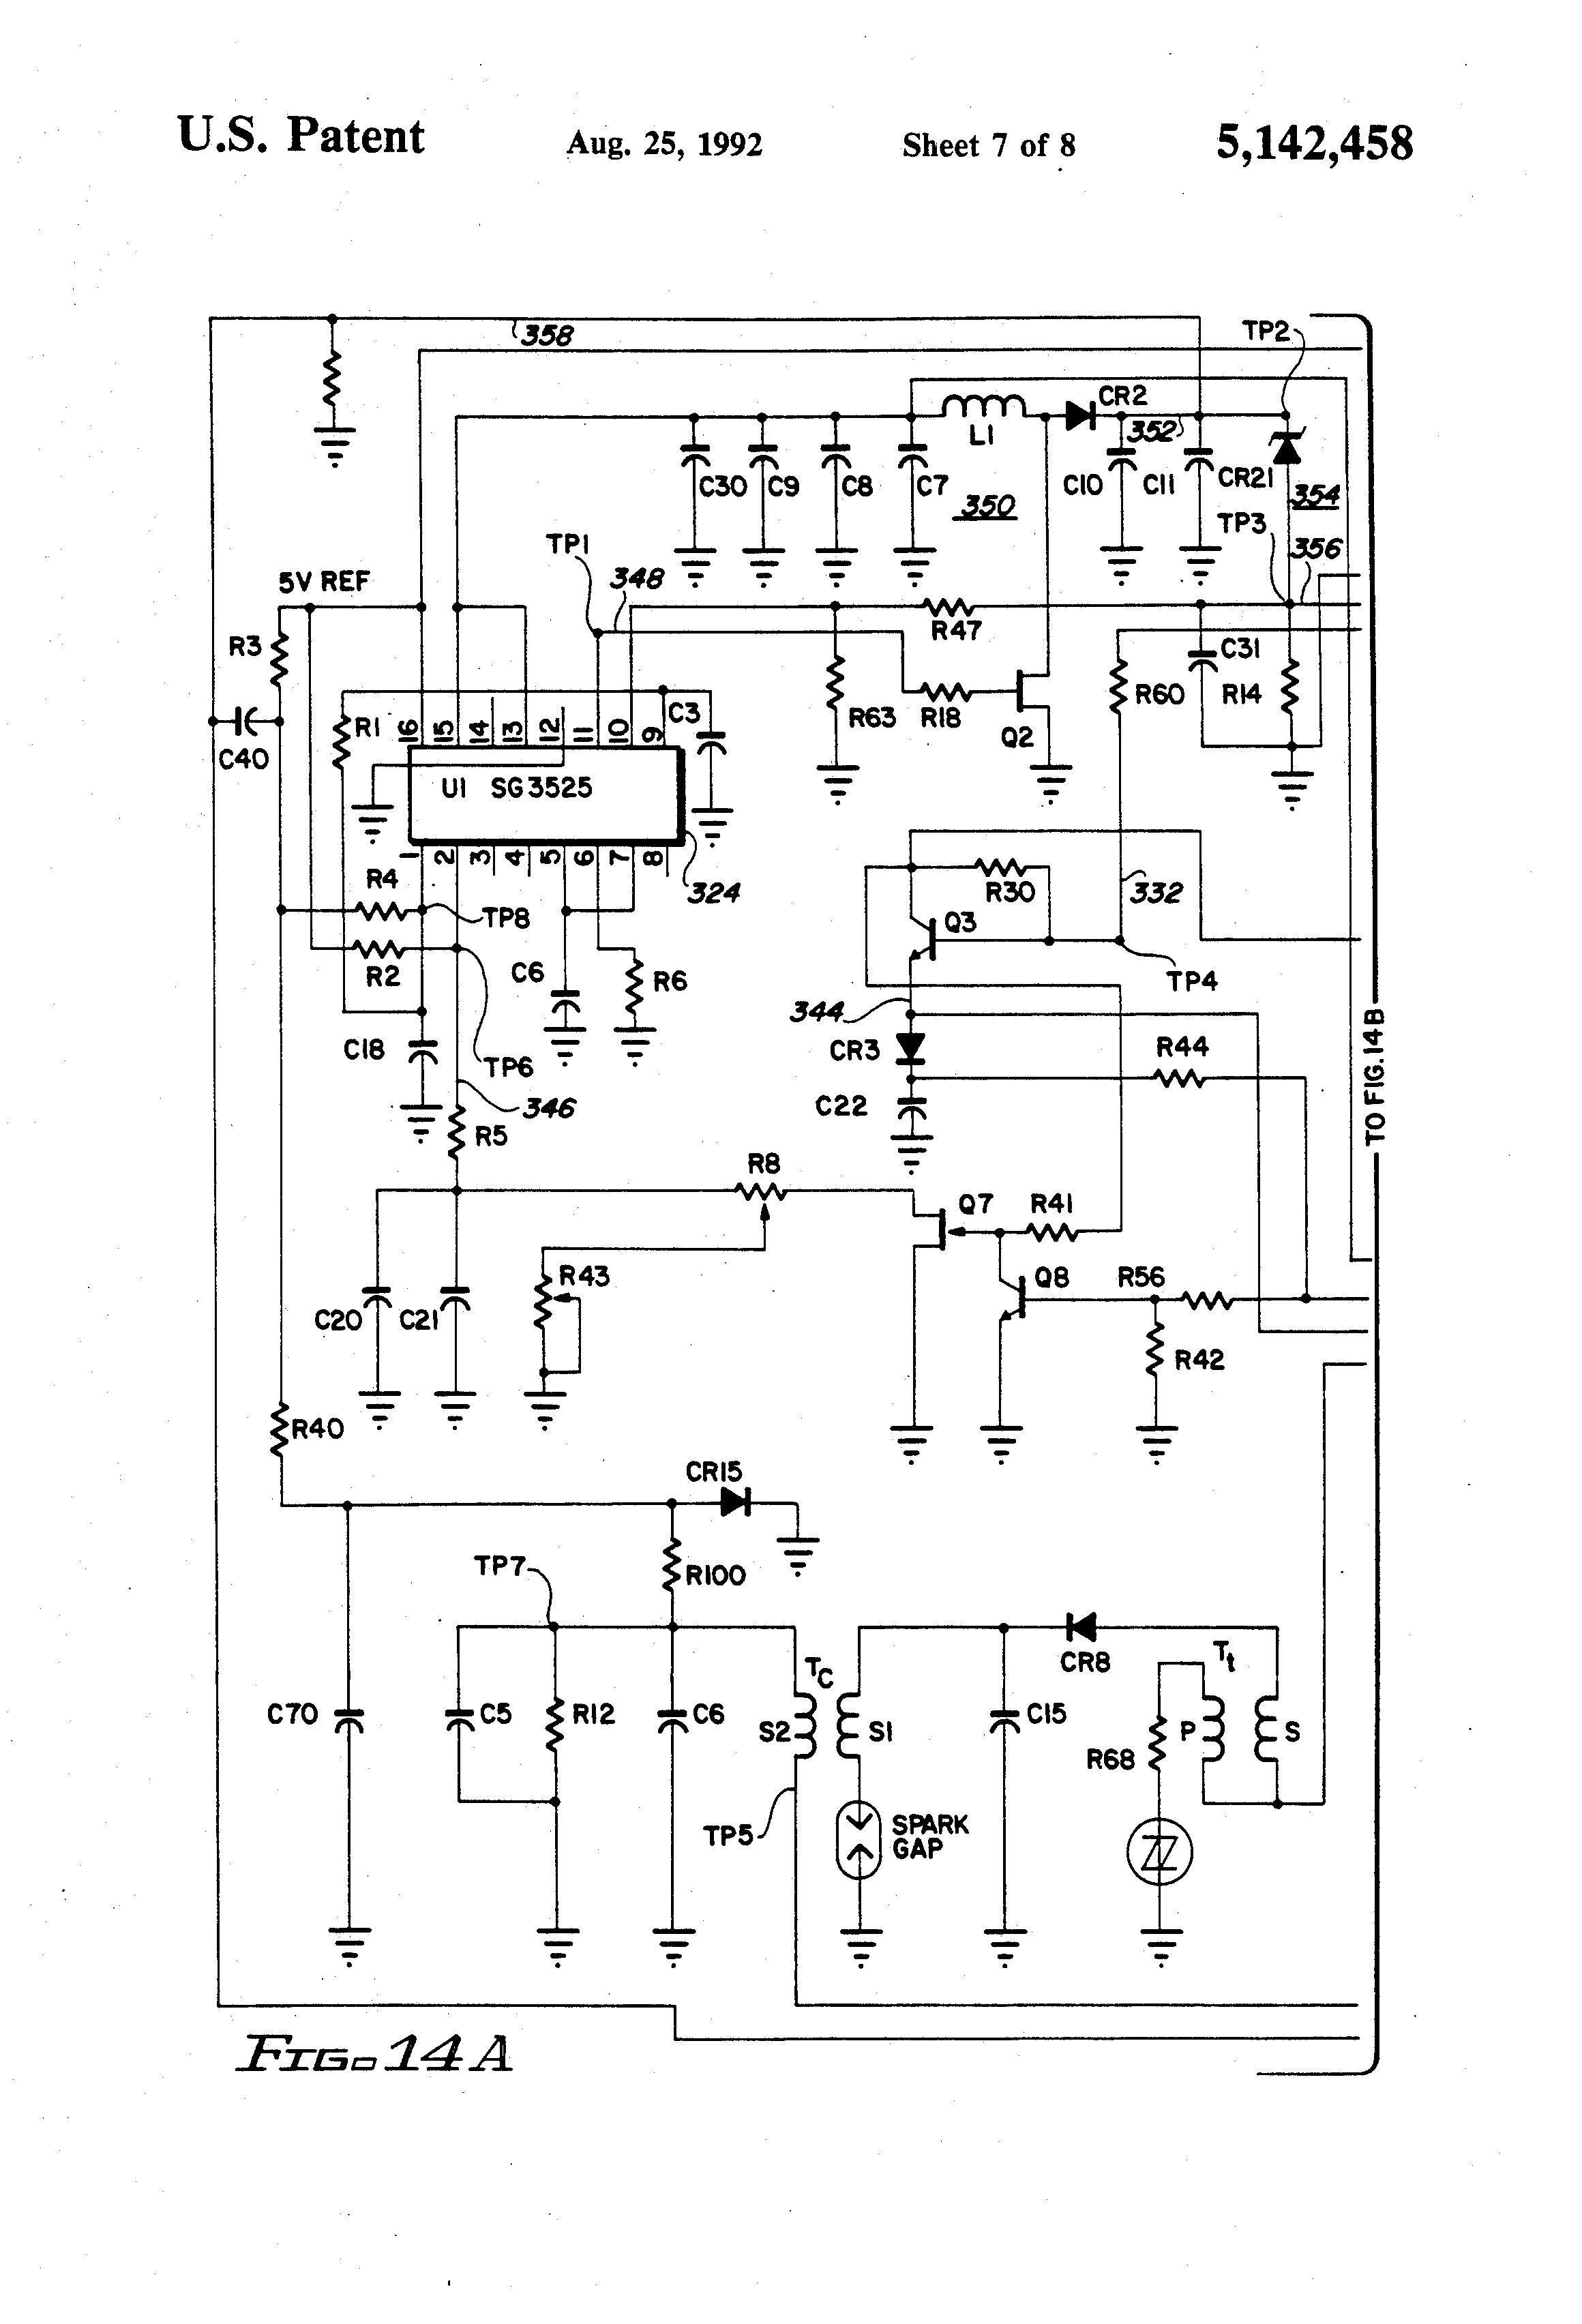 Sg3525 Datasheet Sg3524 Inverter Circuit Diagram Http Wwwpic2flycom Sg3524inverter Application Note Pdf Free